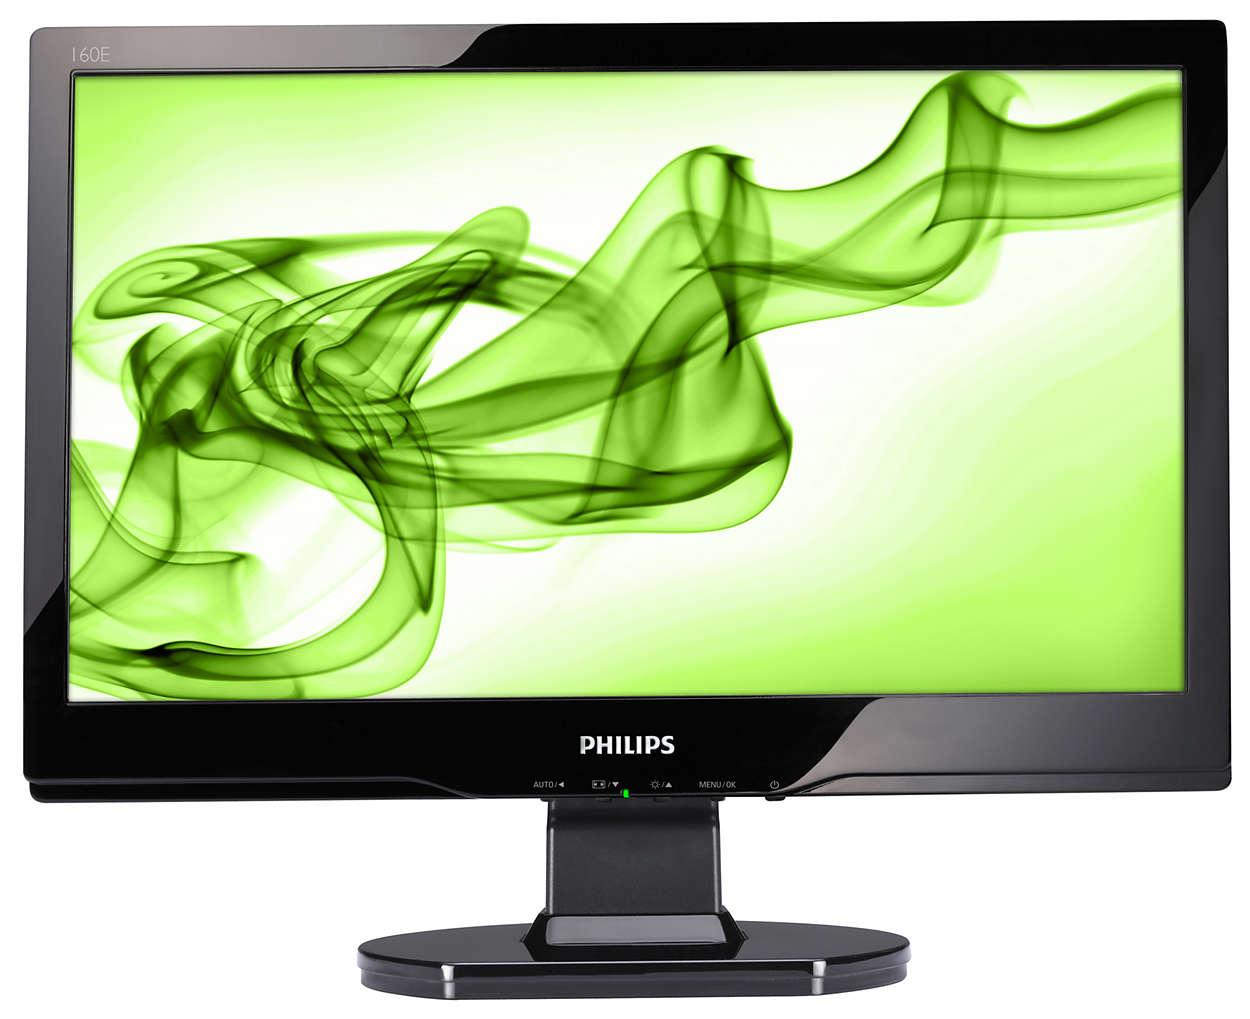 HD 16:9 顯示器結合亮面設計